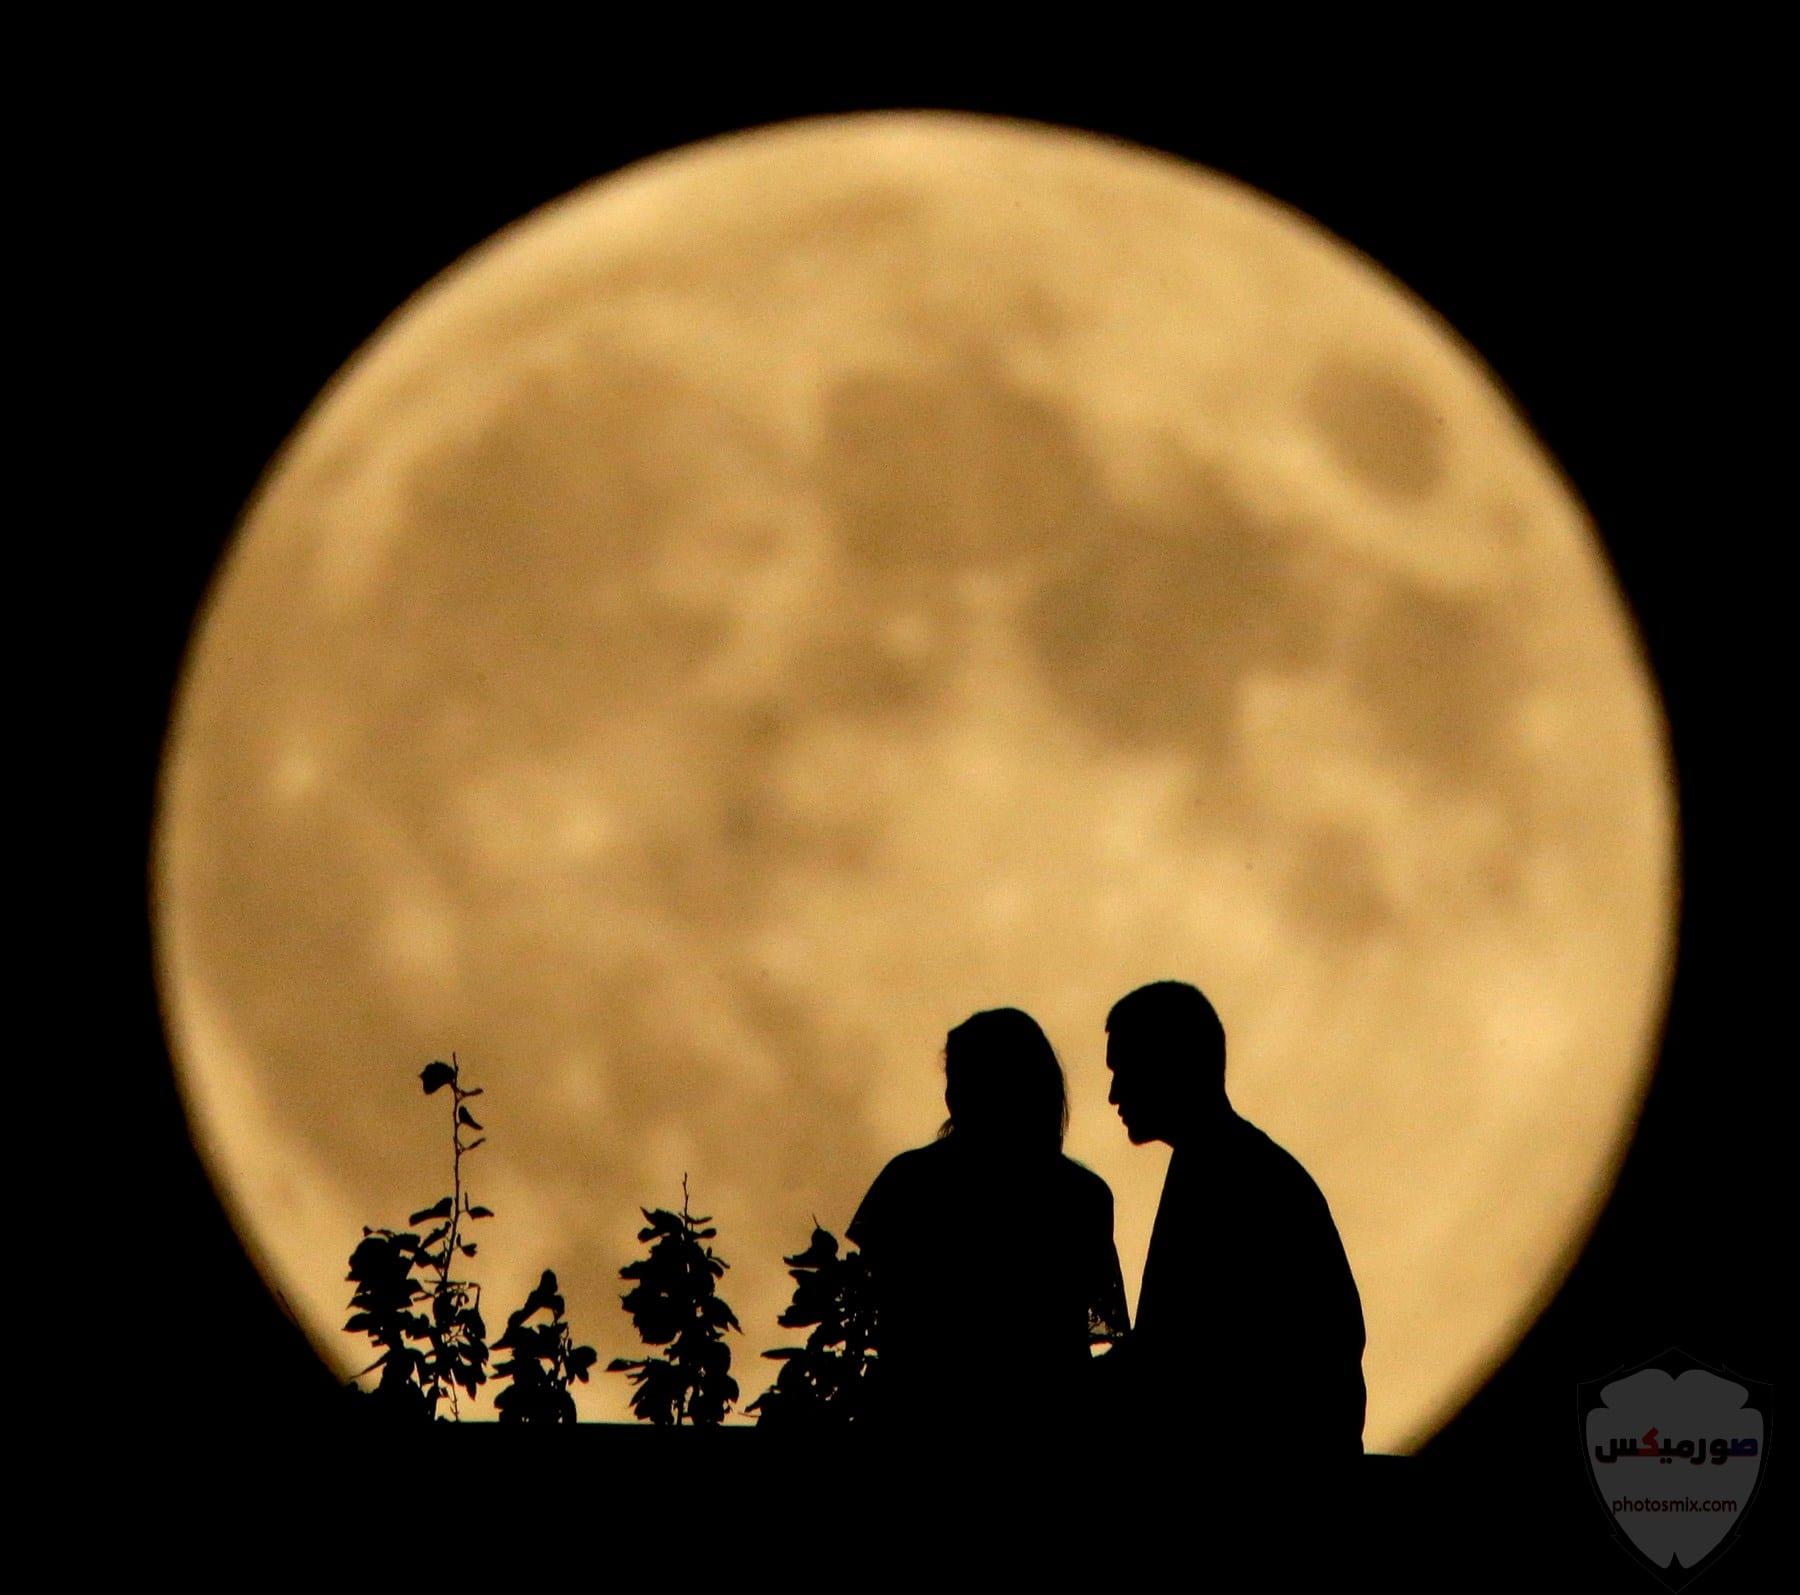 صور القمر العملاق رمزيات عن القمر العملاق صور قمر وسط النجوم 10